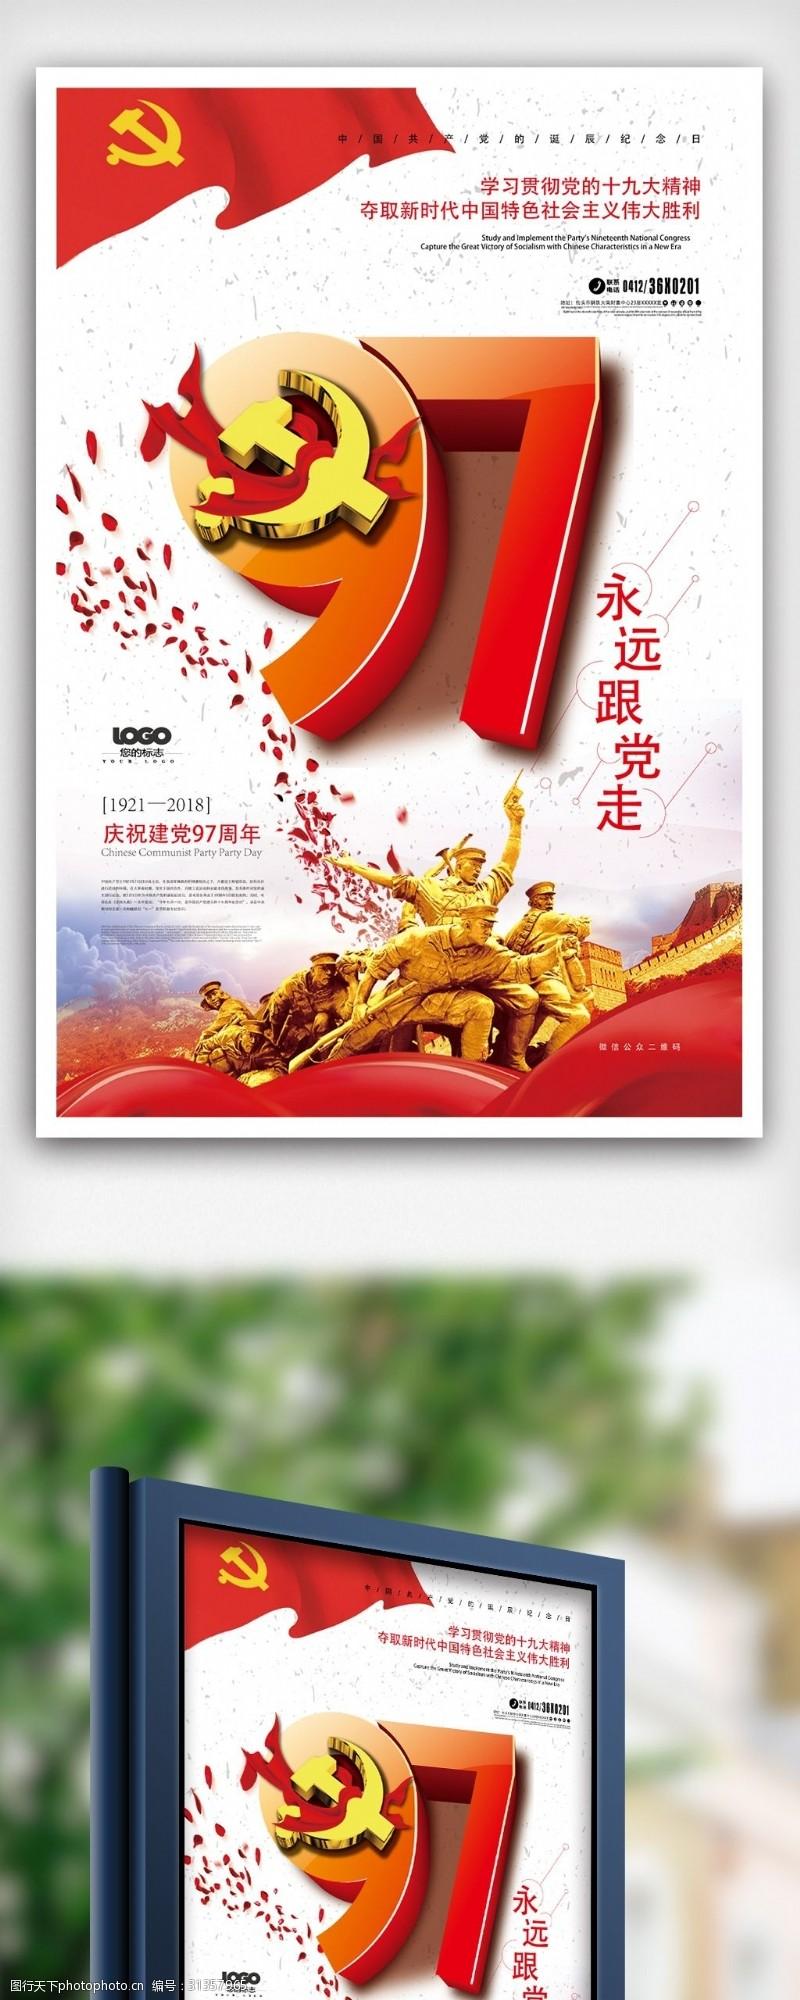 文艺演出舞台97周年党建文化海报